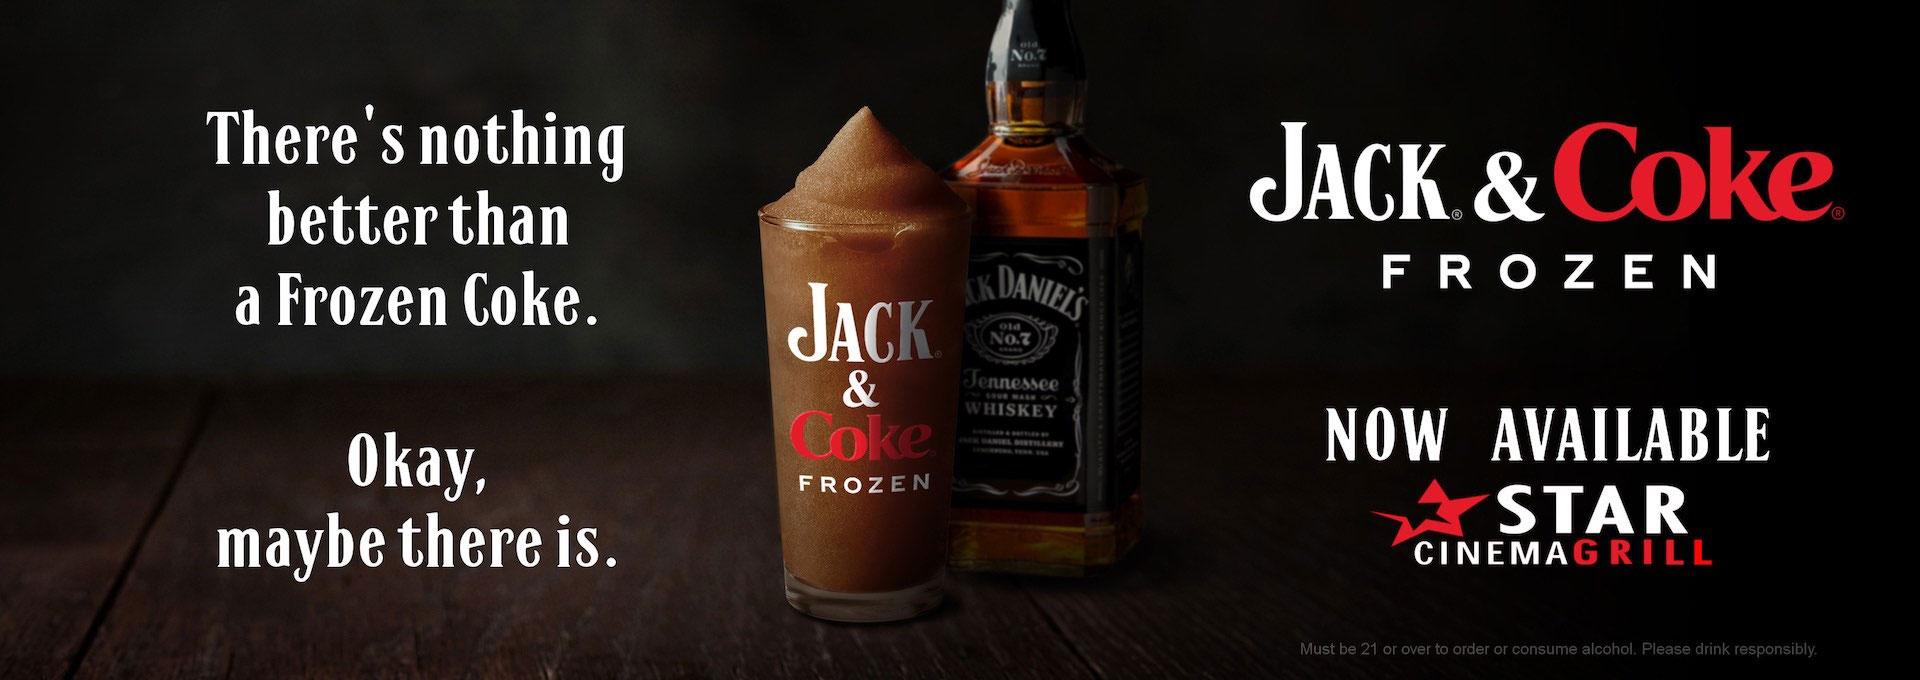 Jack and Coke image